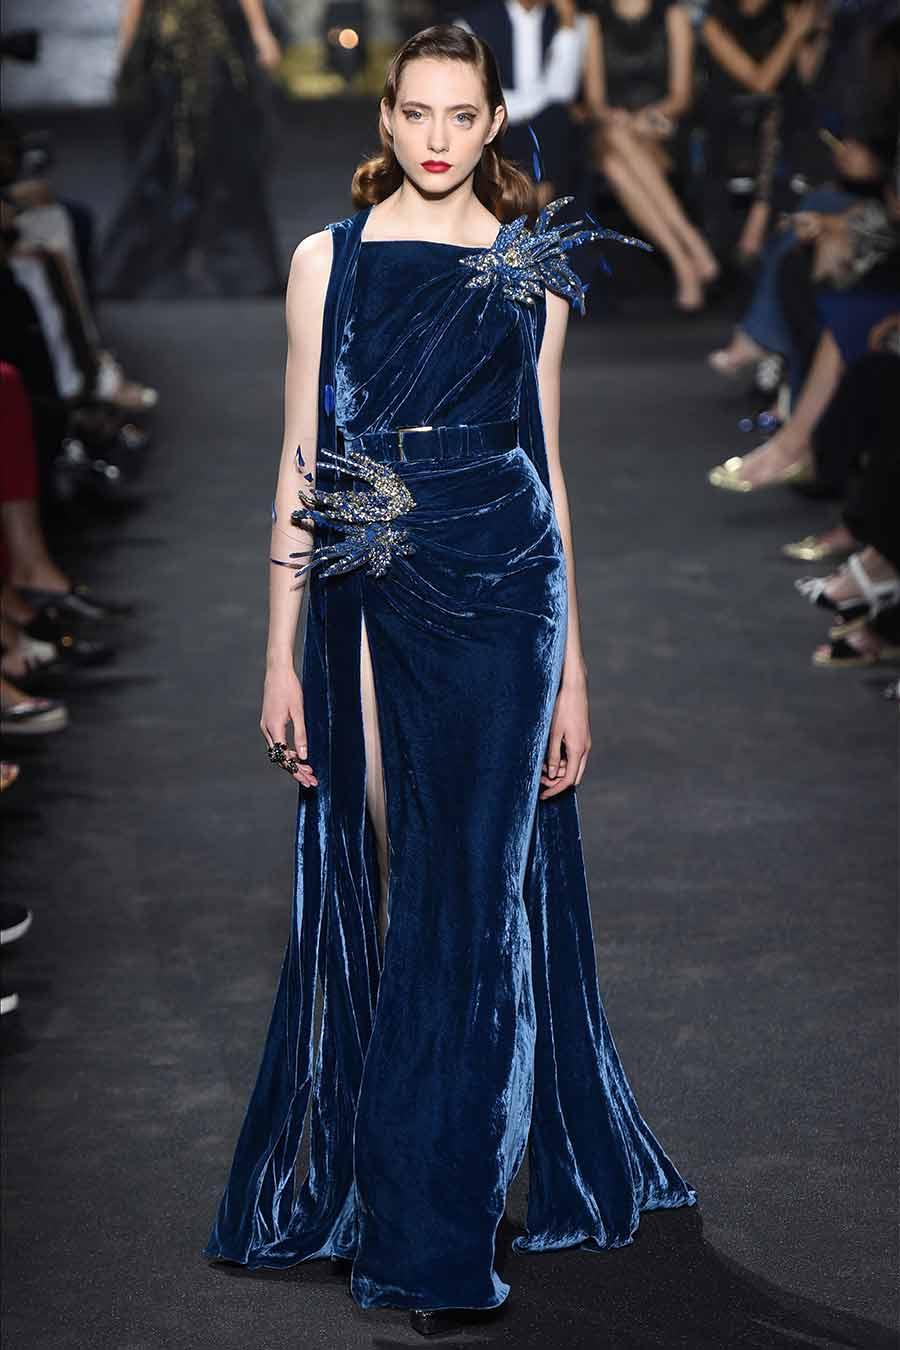 cristalli-look-elie-saab-haute-couture-abito-velluto-blu-notte-tempestato-cristalli-foto-1